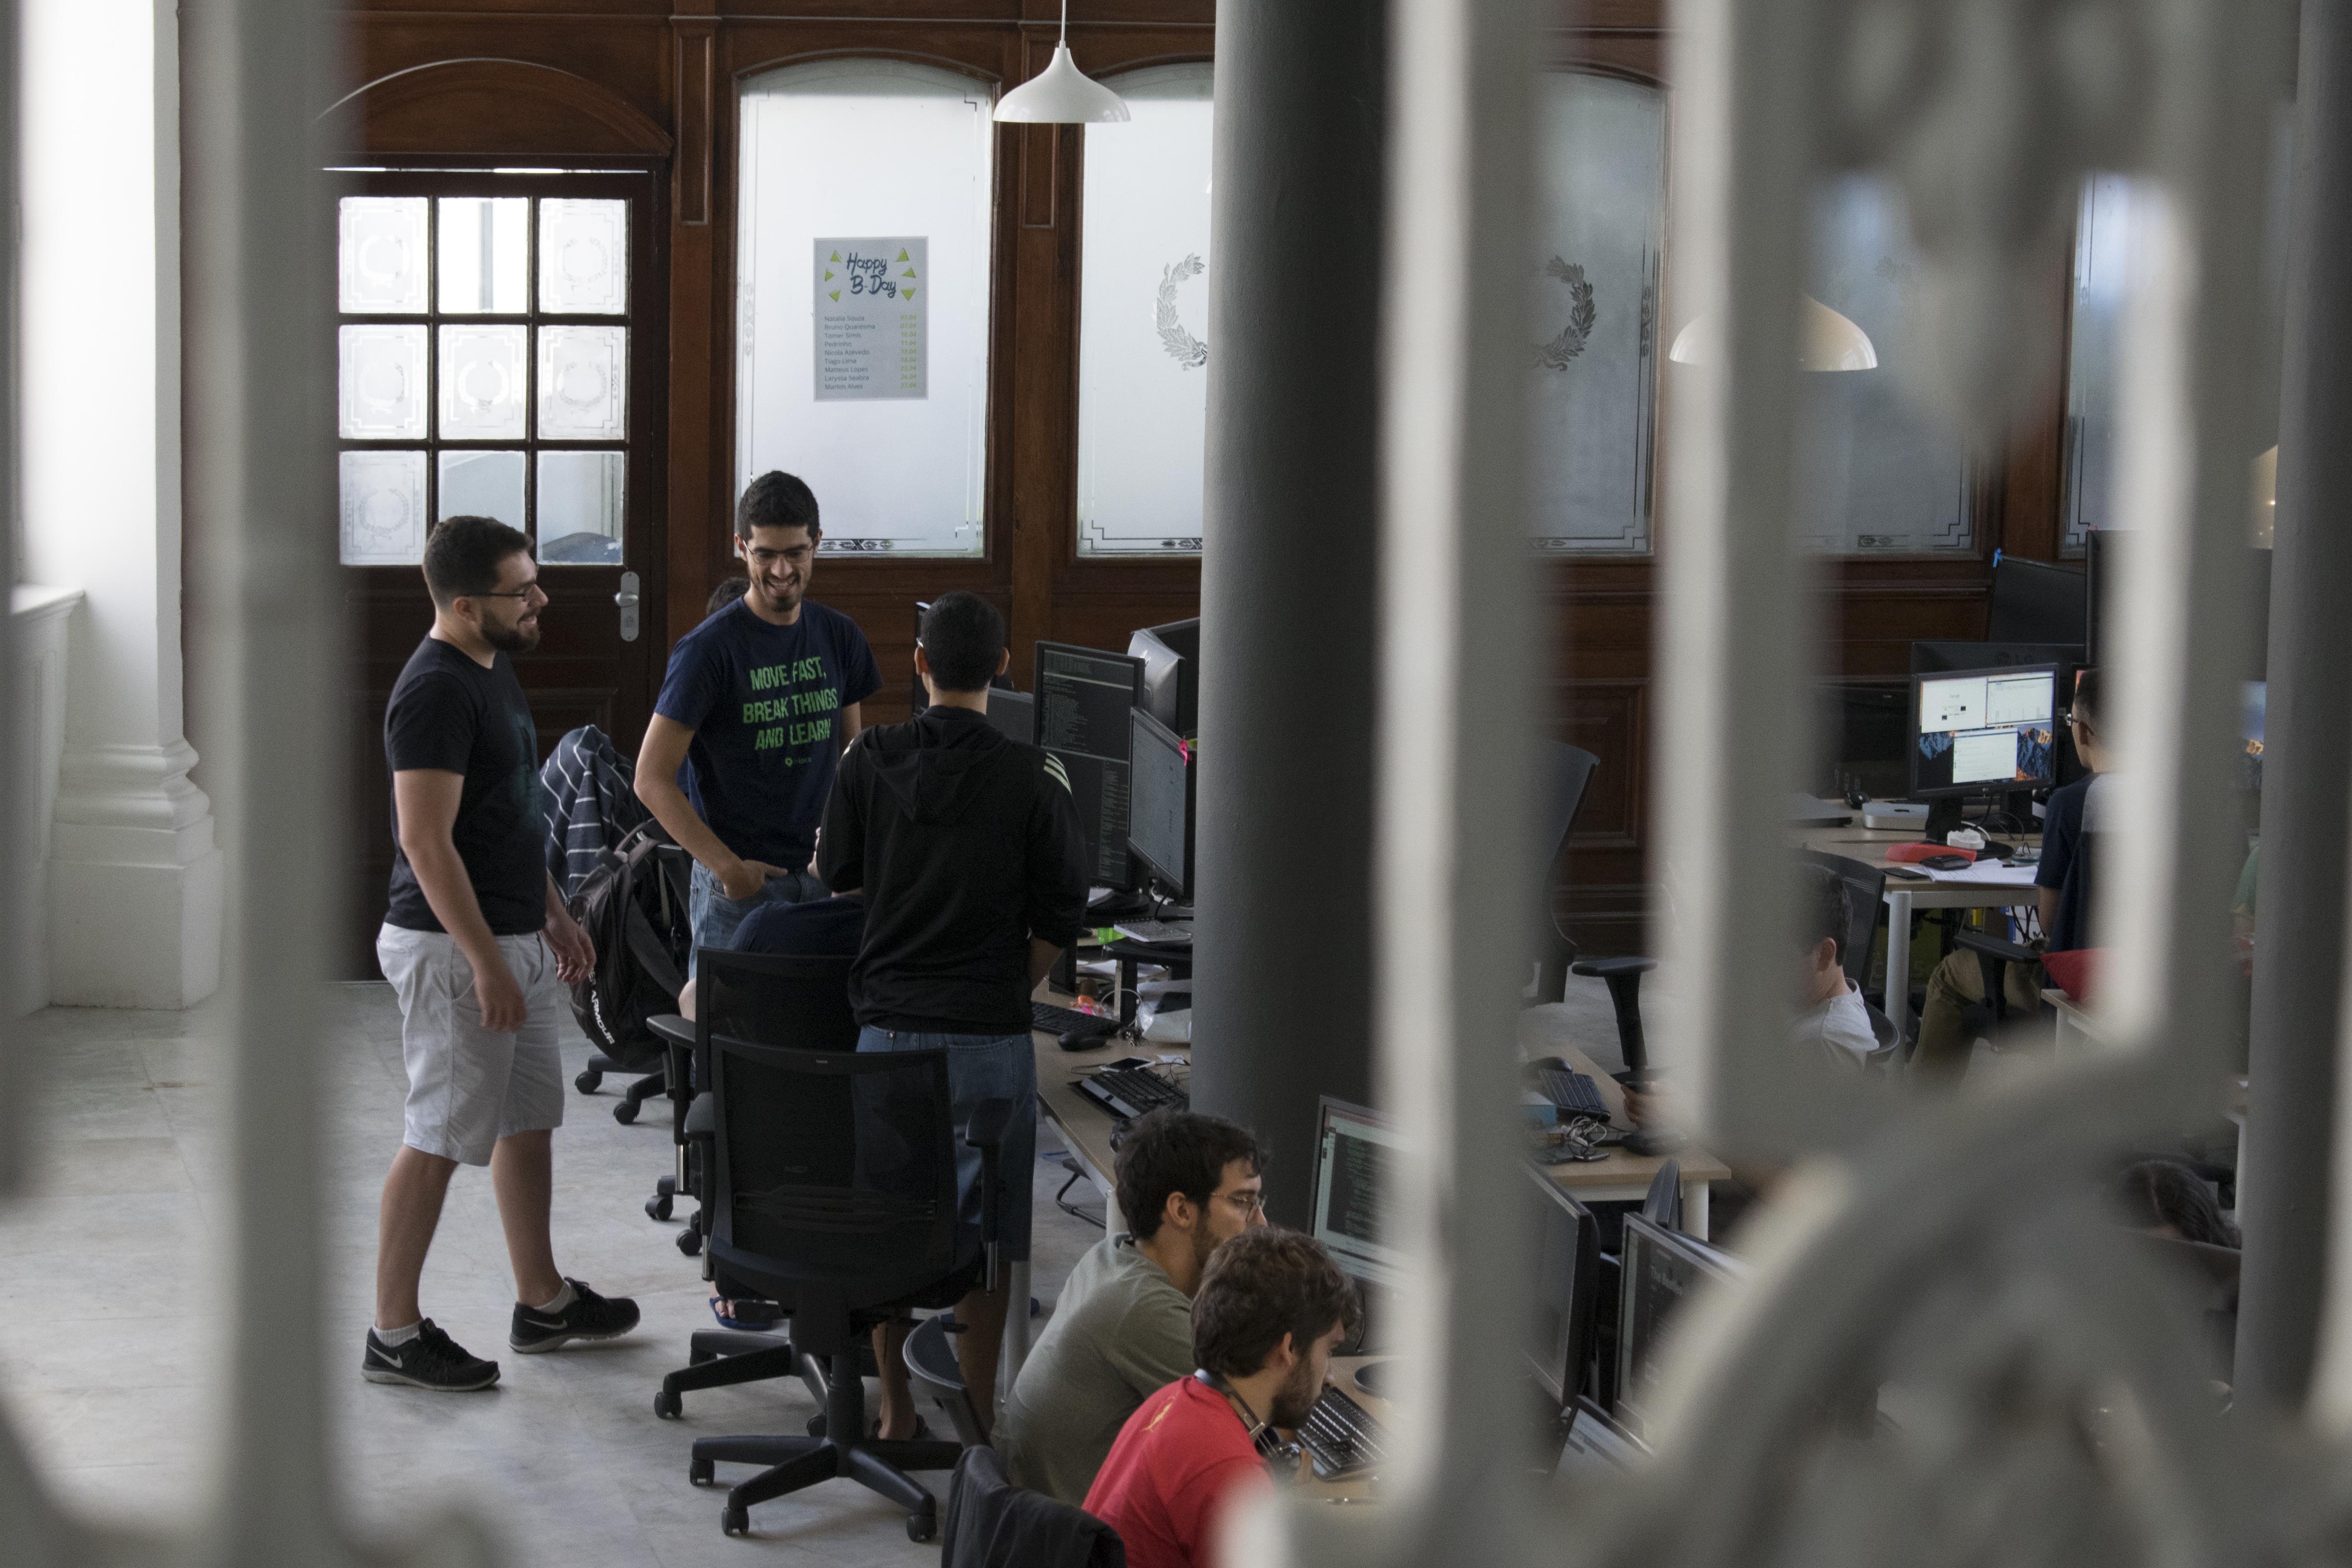 Além de André, mais sete sócios compõem a startup - Crédito: Divulgação